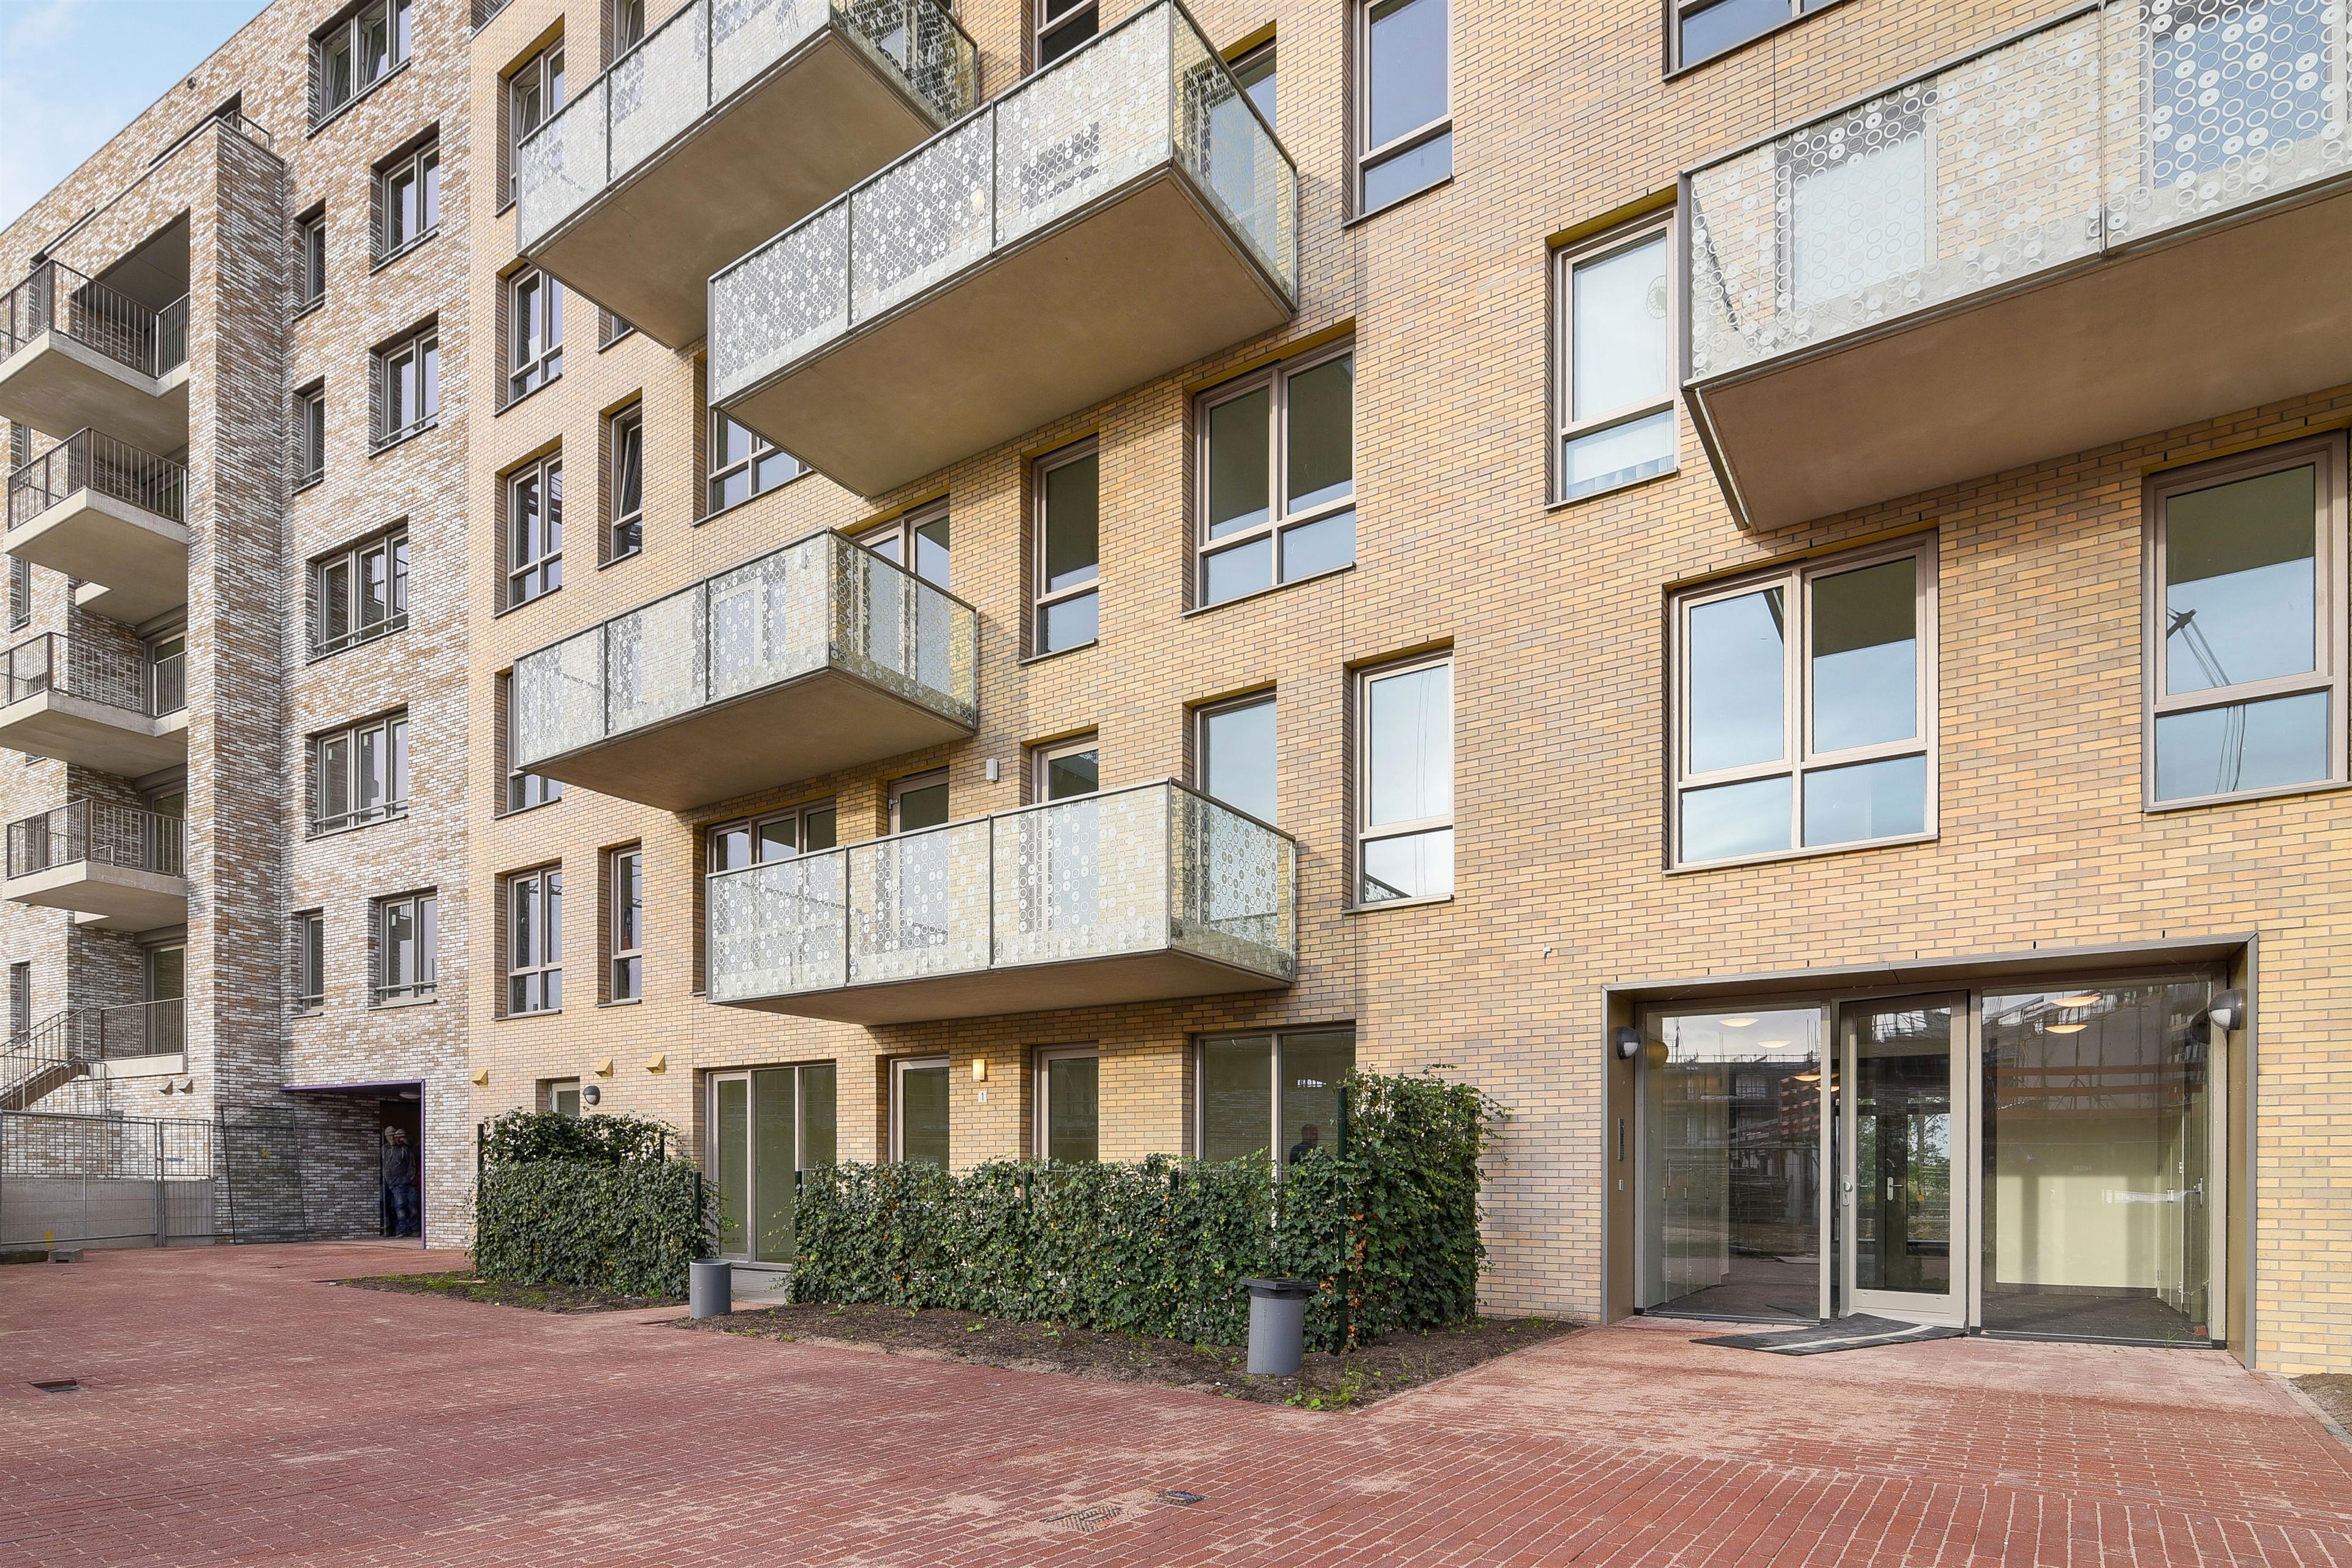 Te koop: Lien Gisolfpad 1, Amsterdam - Hoekstra en van Eck - Méér ...